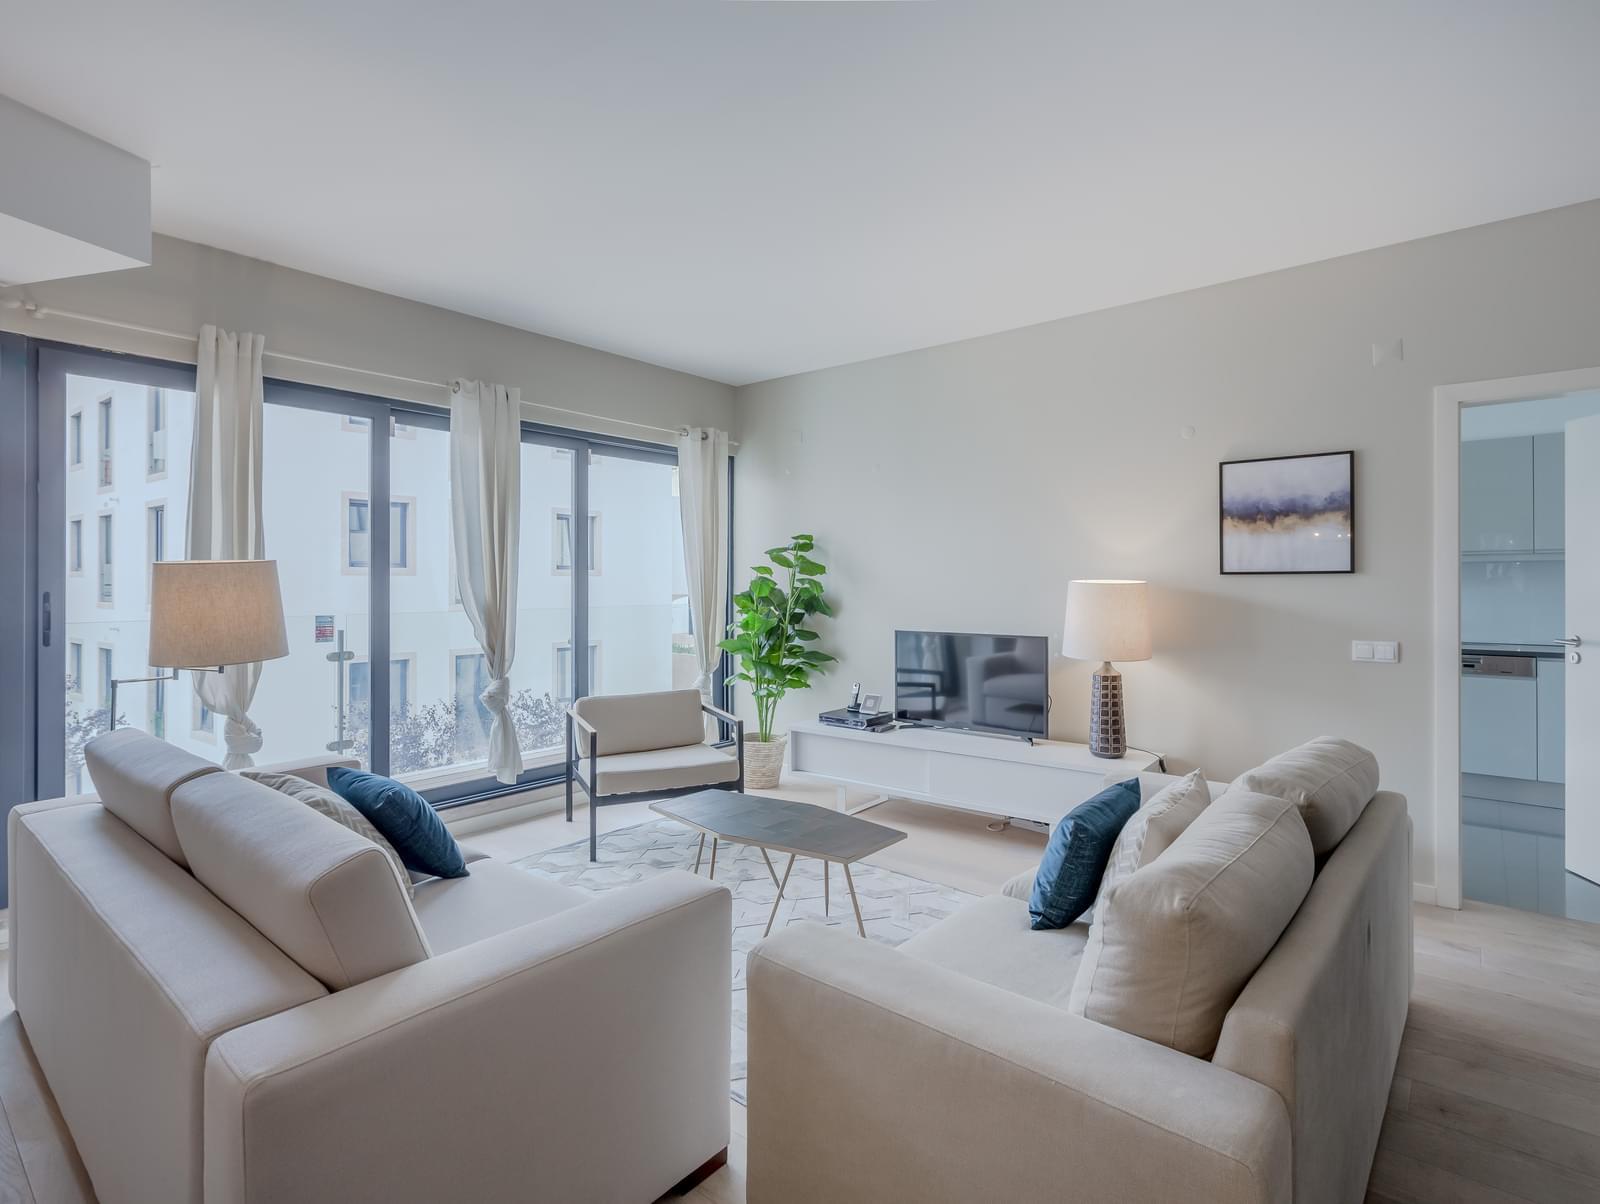 pf18160-apartamento-t2-lisboa-7cb5d8cb-45fd-4204-9382-b151dcd4850d